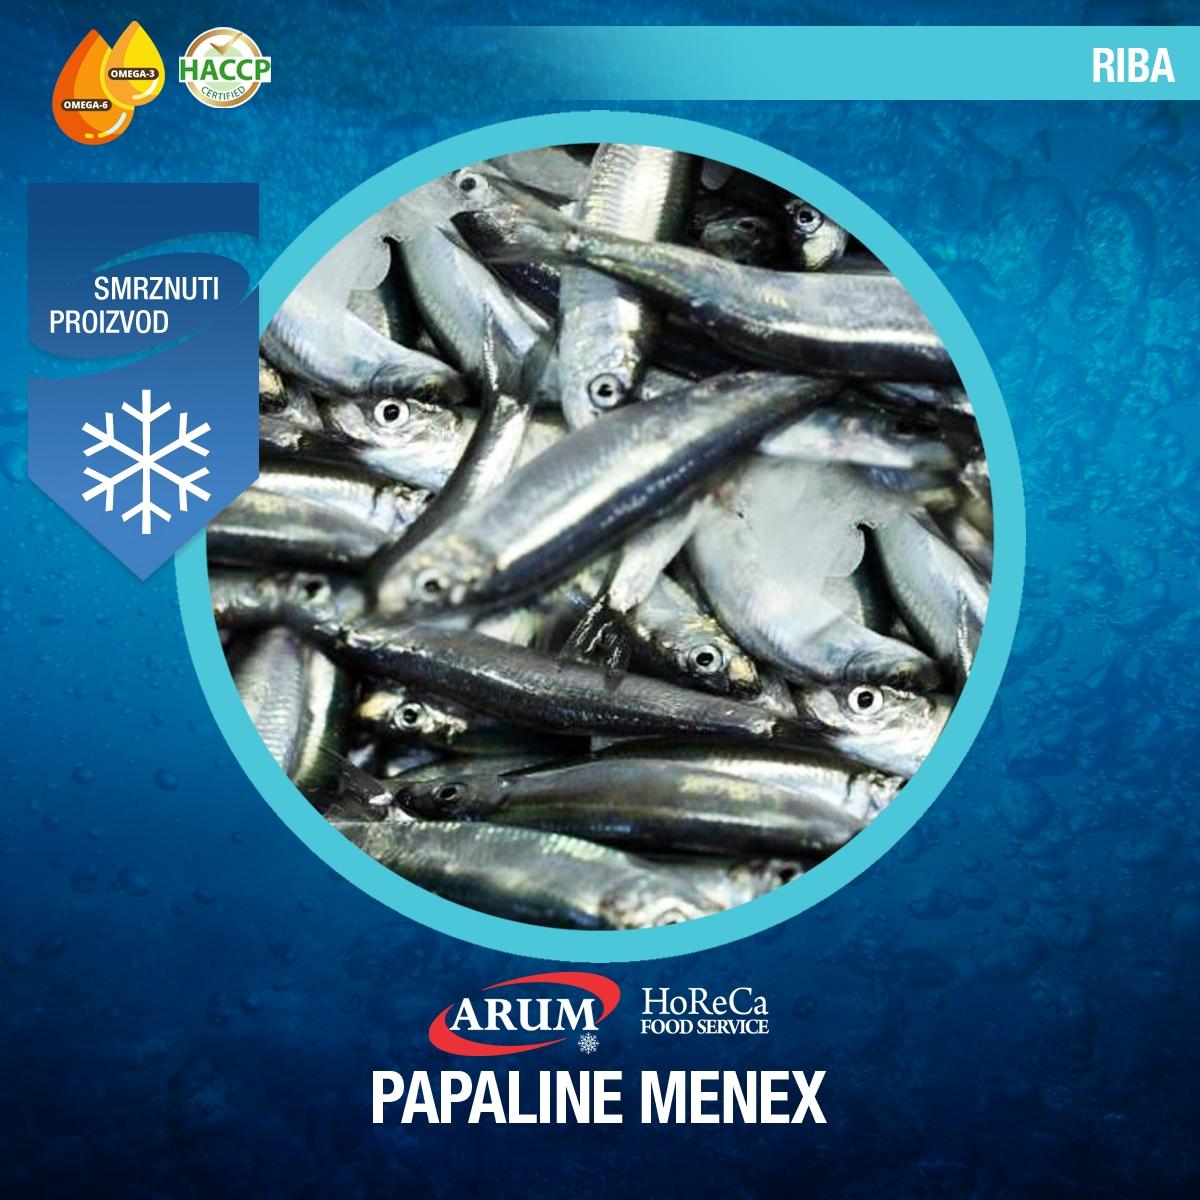 Papalina menex